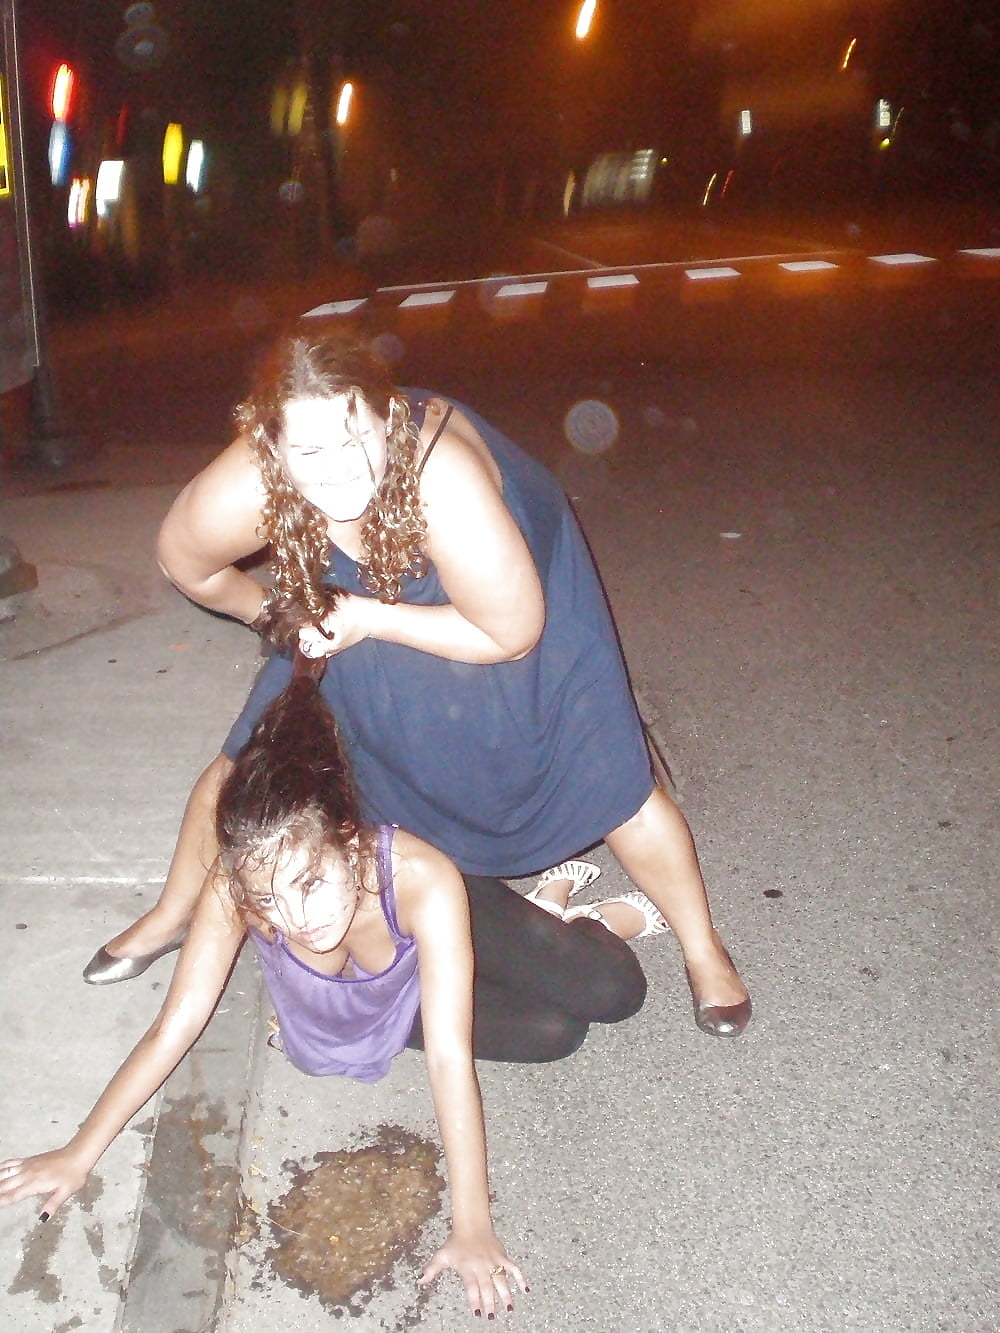 Flashing drunk tits video